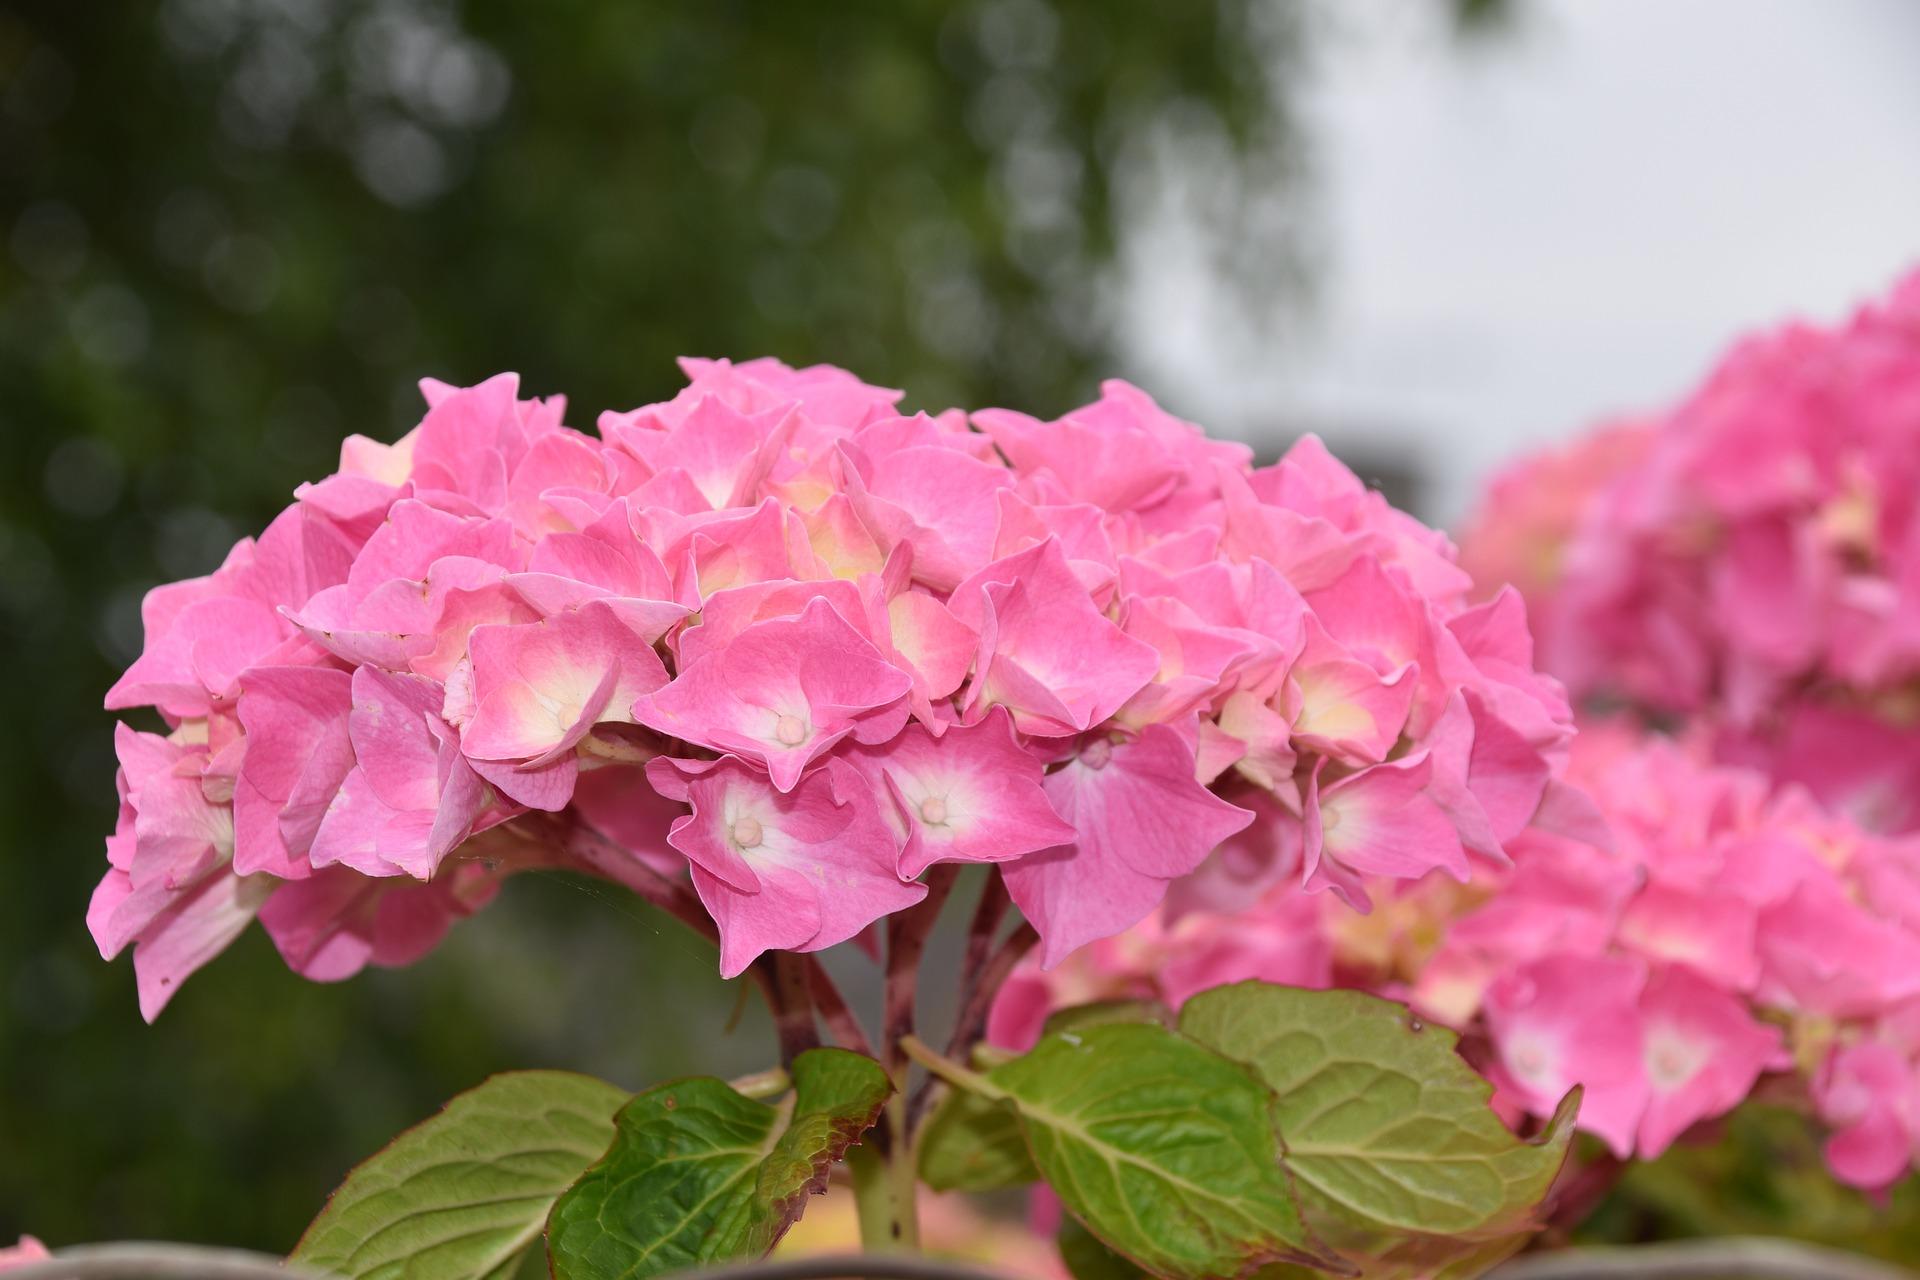 flower-4287551_1920jpg